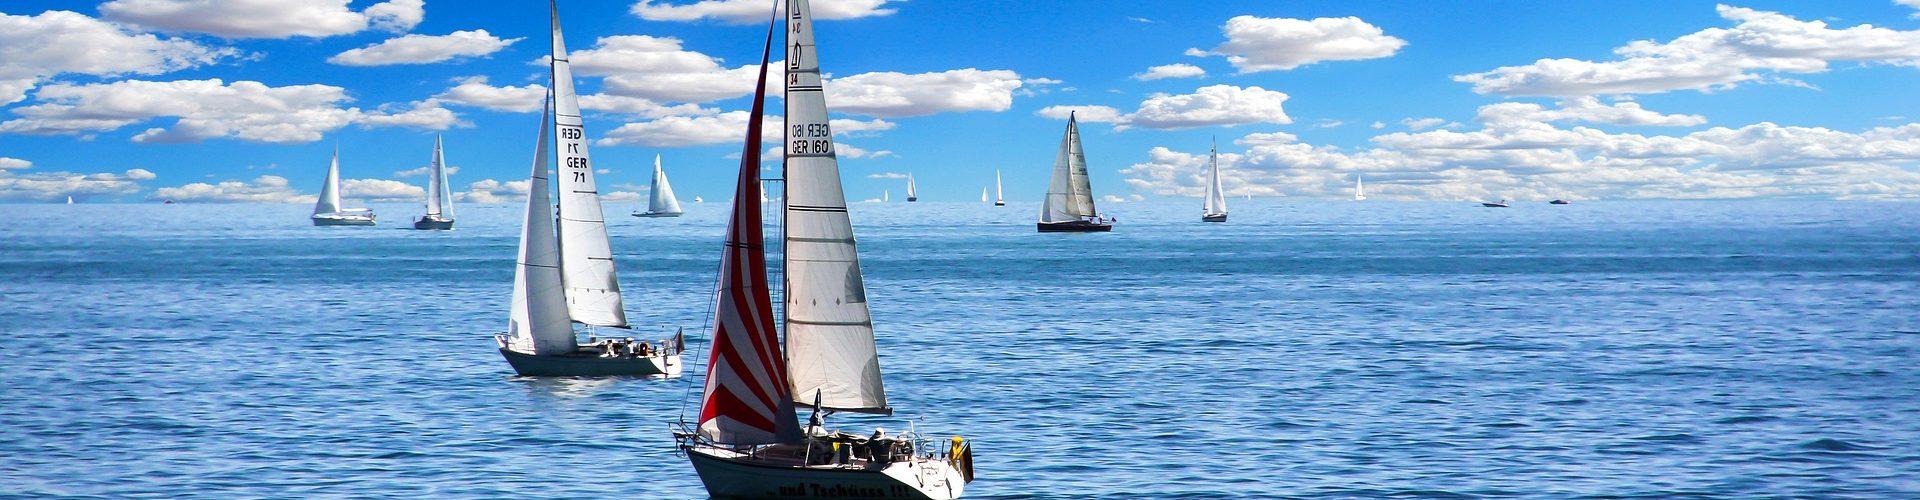 segeln lernen in Kronach segelschein machen in Kronach 1920x500 - Segeln lernen in Kronach